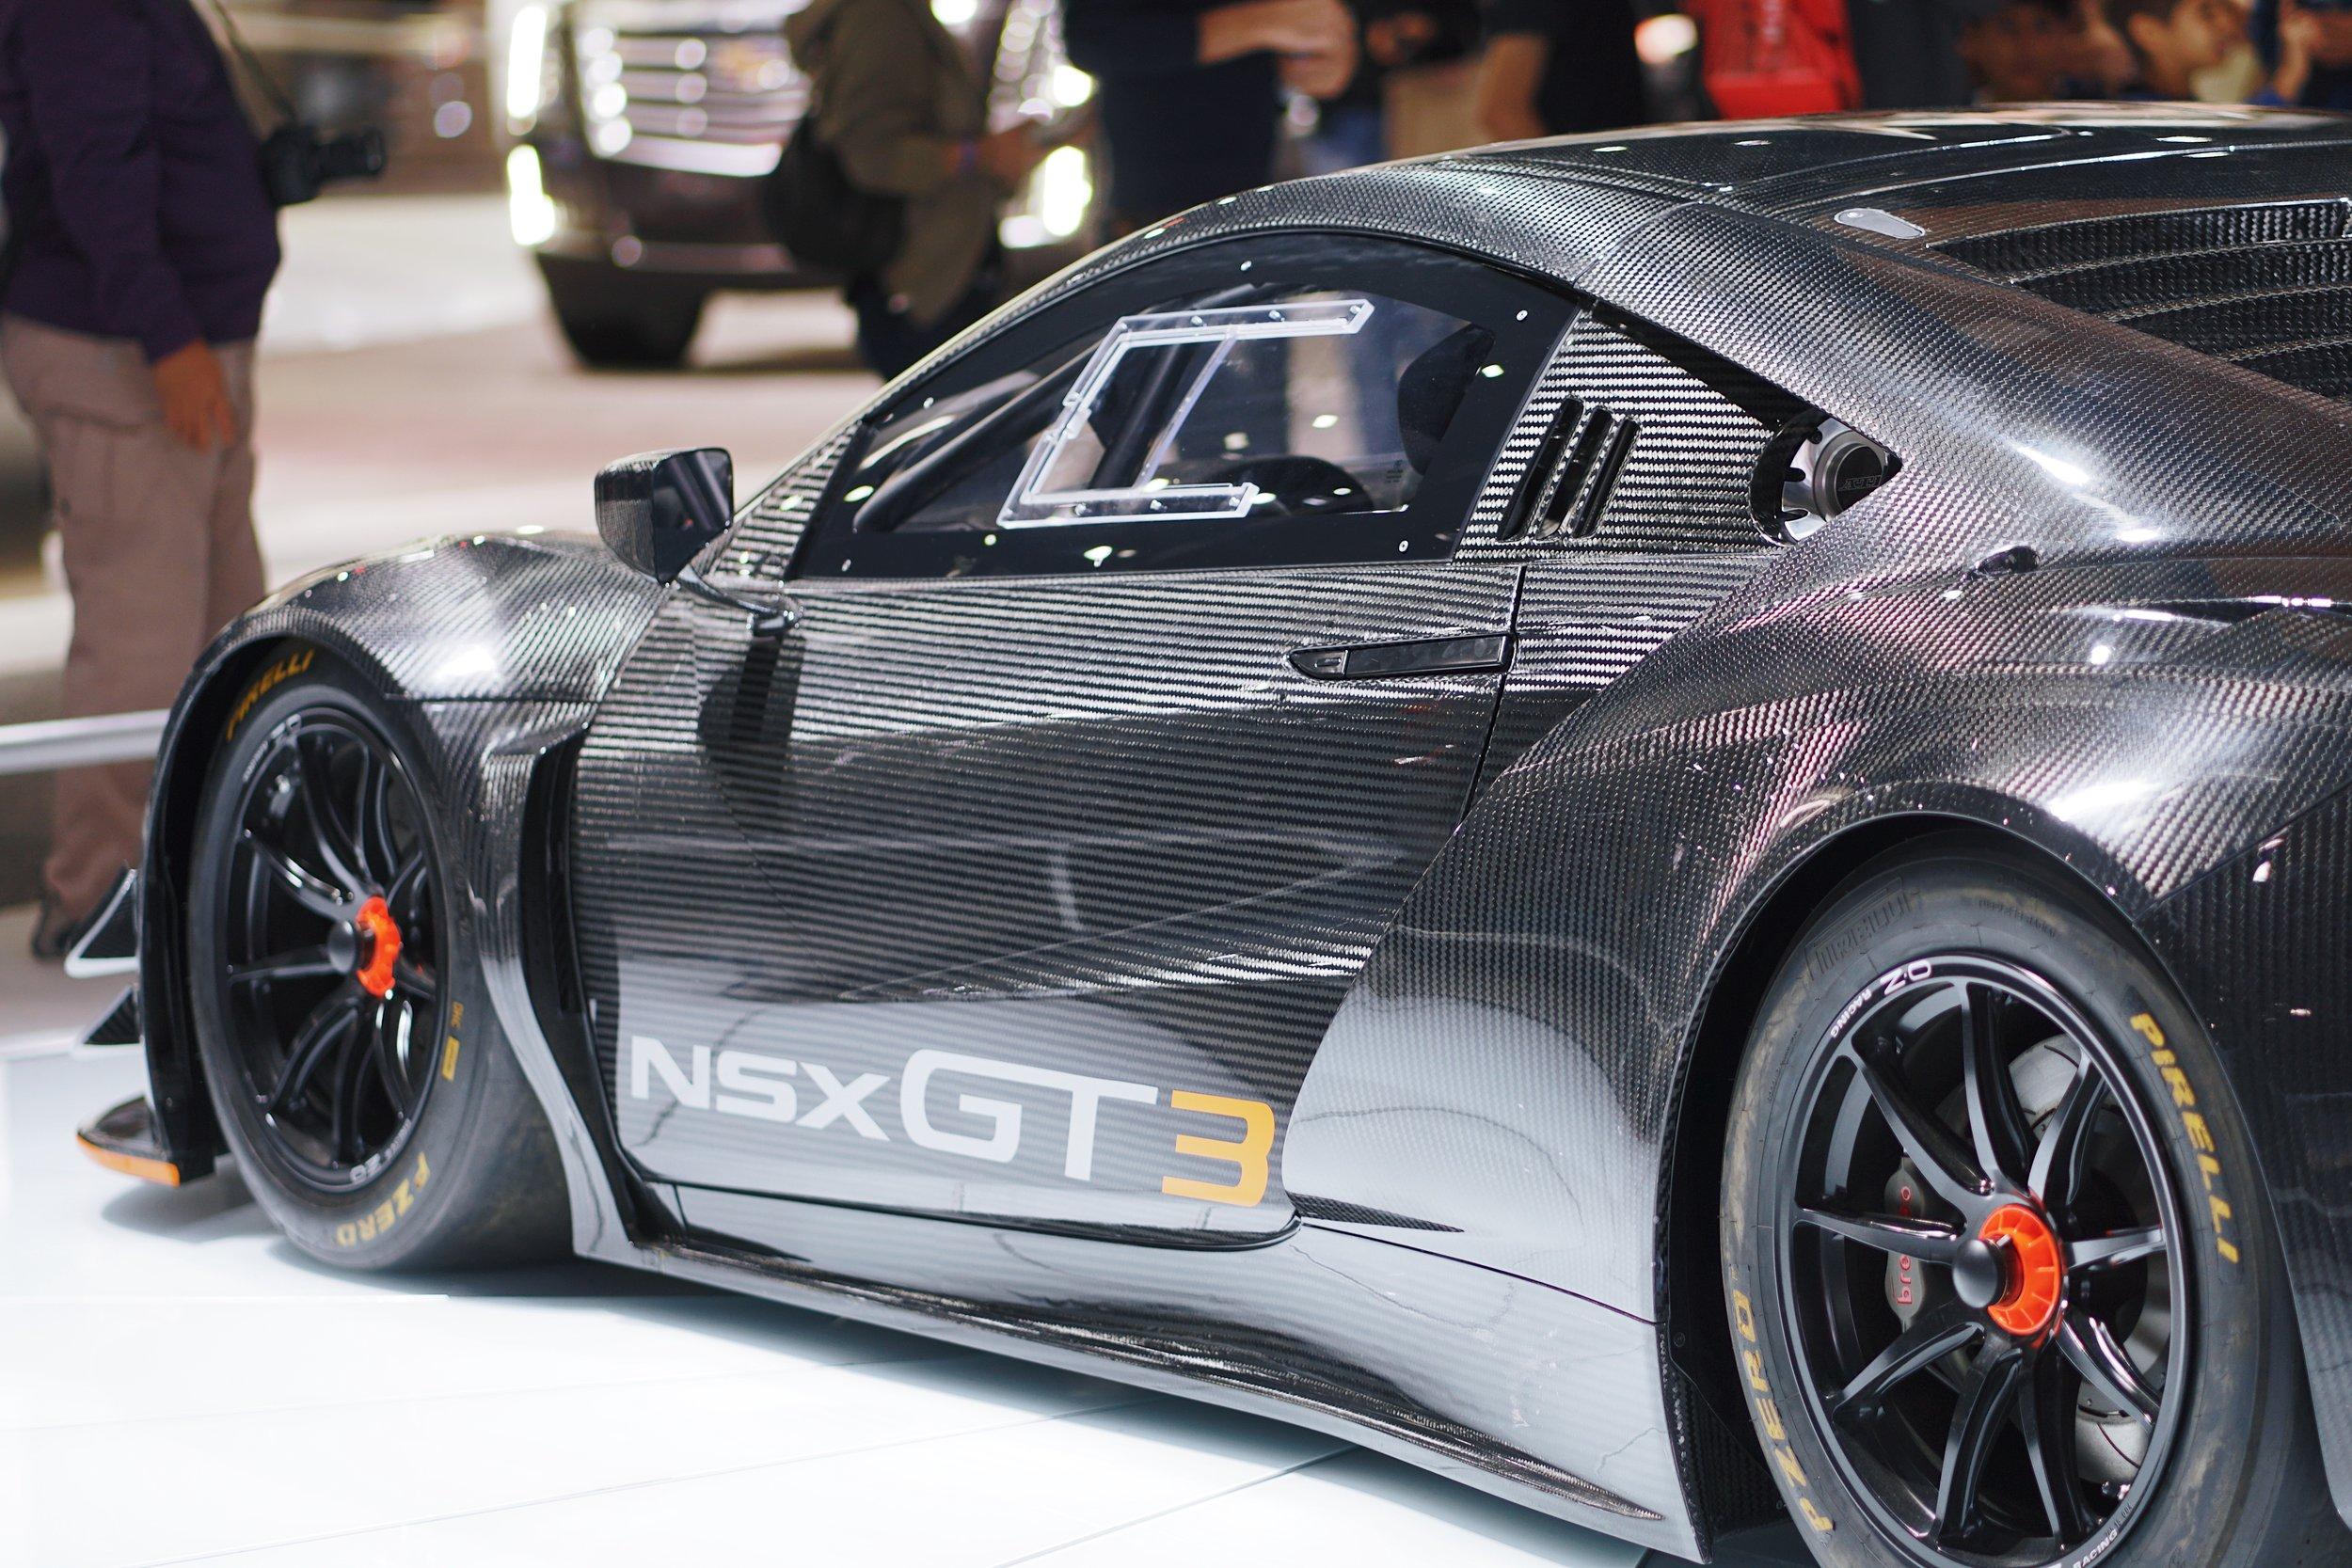 Carbon fiber NSX GT3